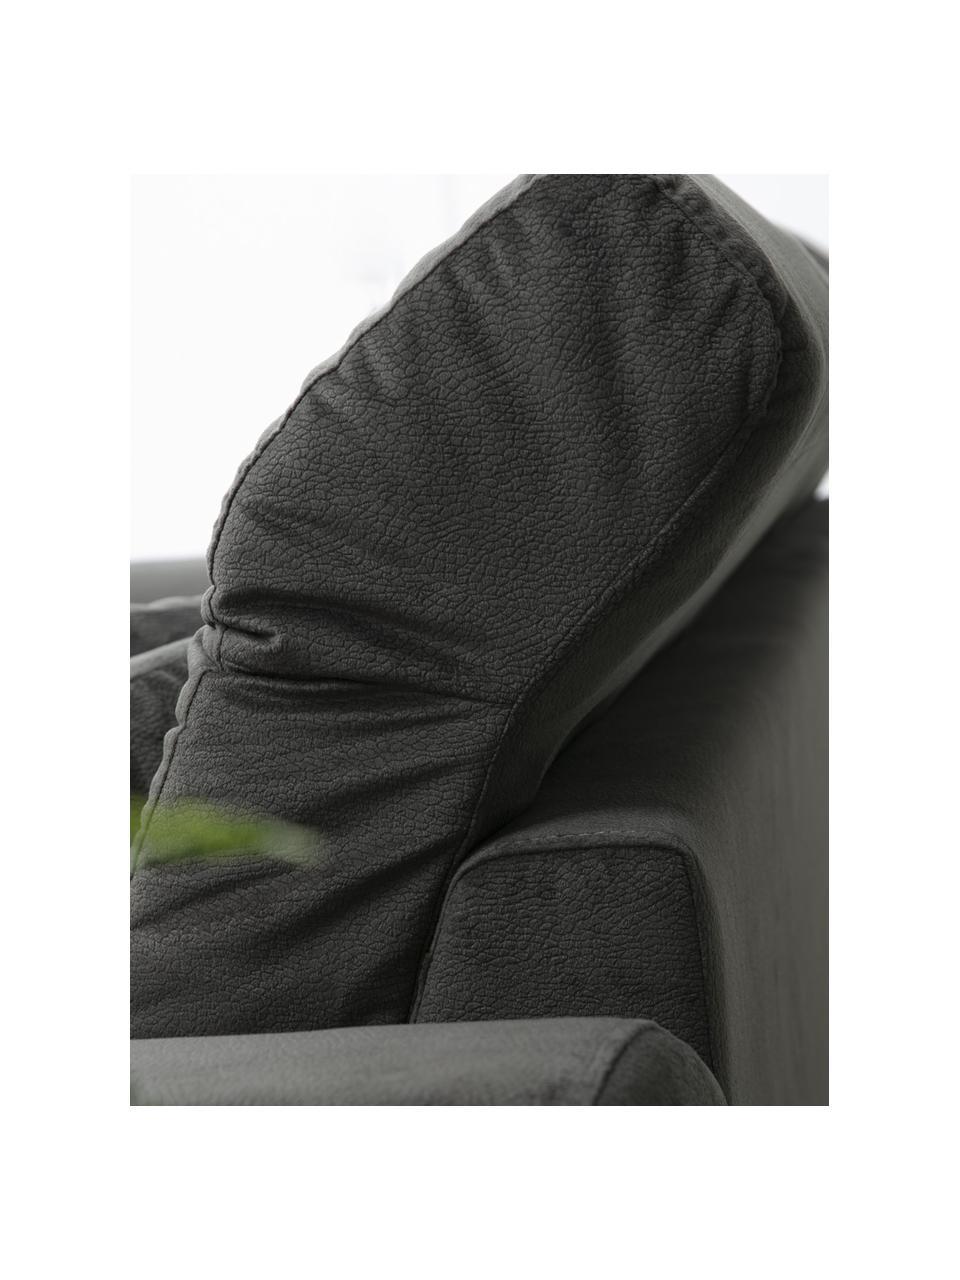 Sofa narożna Frido (4-osobowa), Tapicerka: 100% poliester, Stelaż: drewno brzozowe, płyta wi, Nogi: metal powlekany, Antracytowy, S 308 x G 190 cm